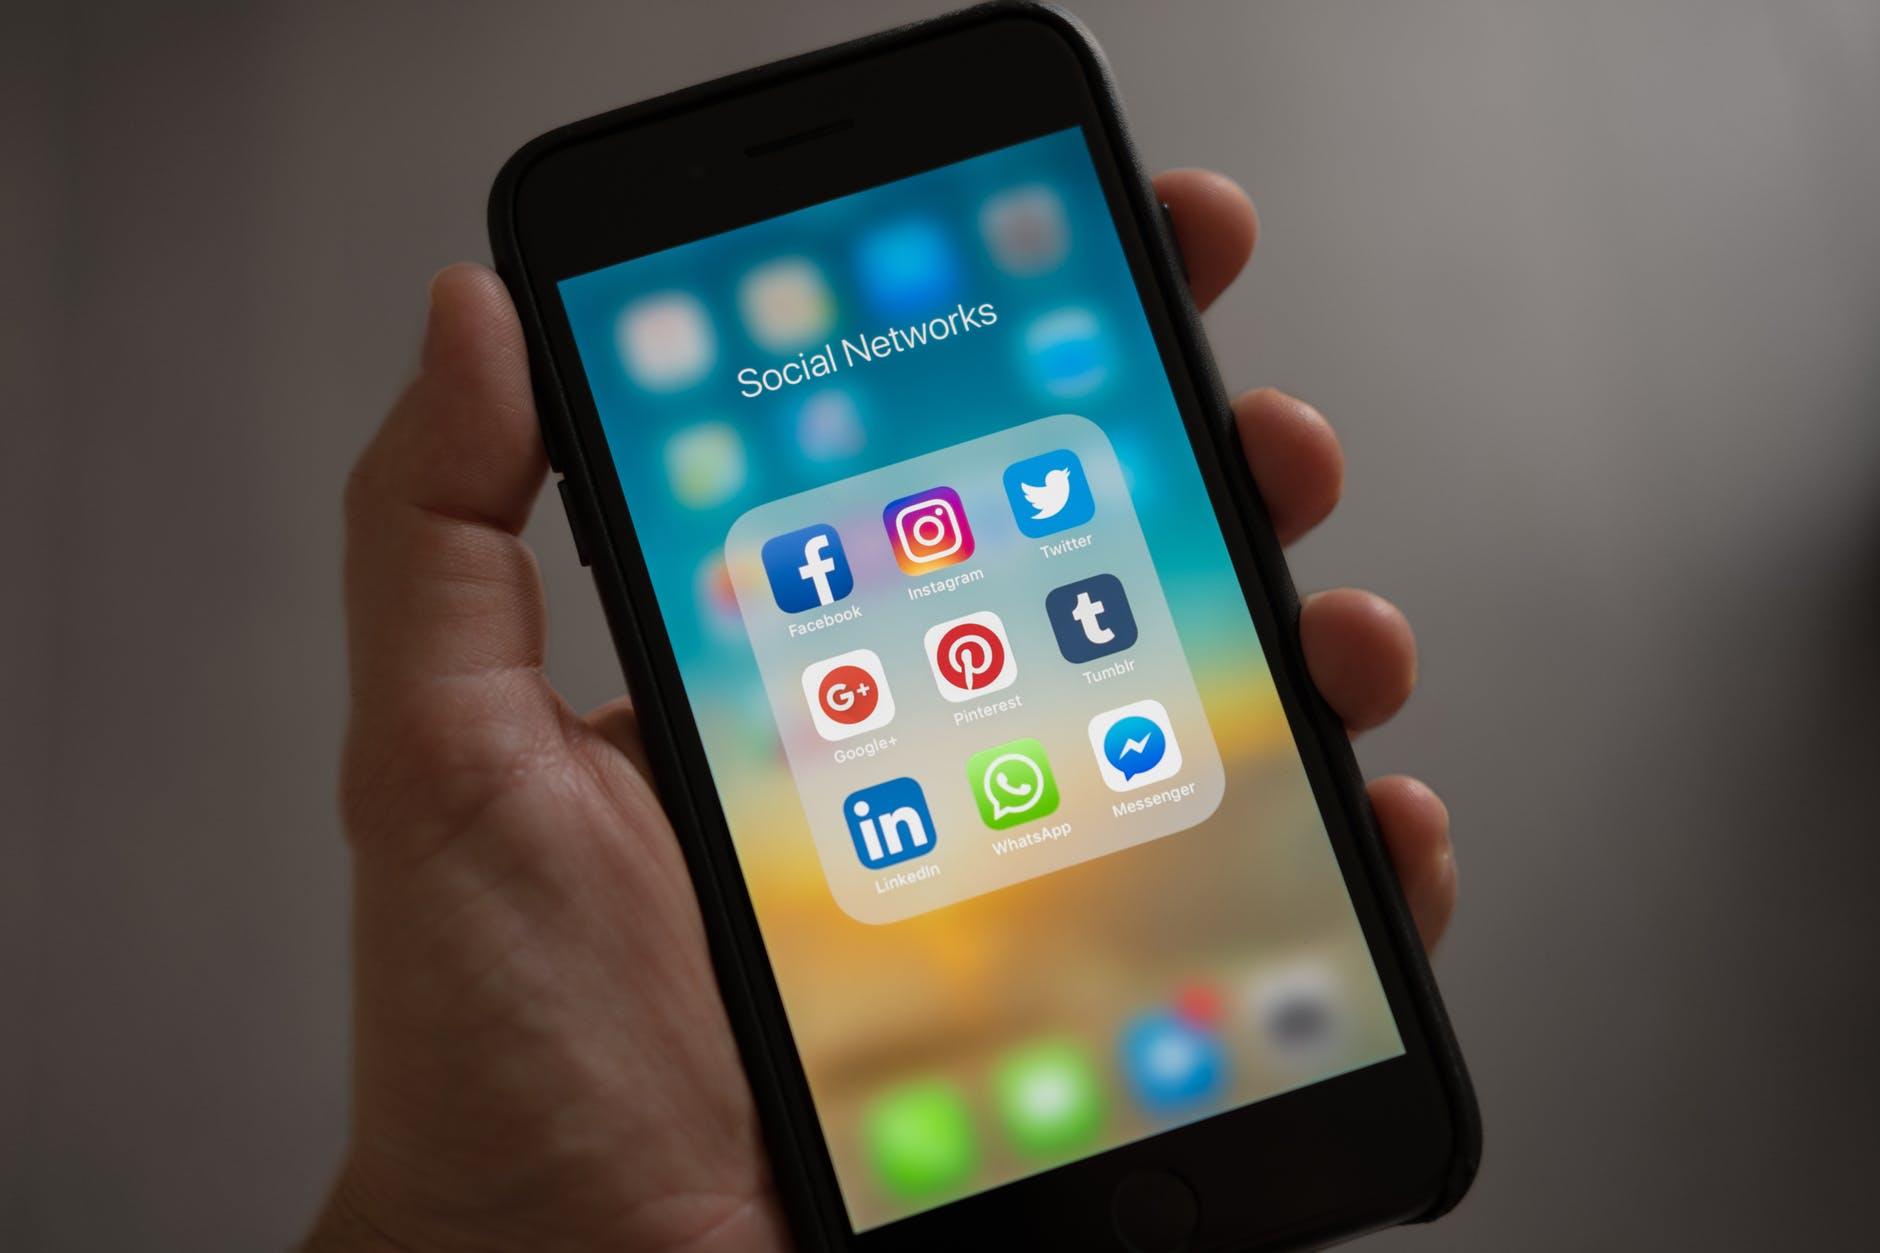 Las 6 estafas más frecuentes en redes sociales